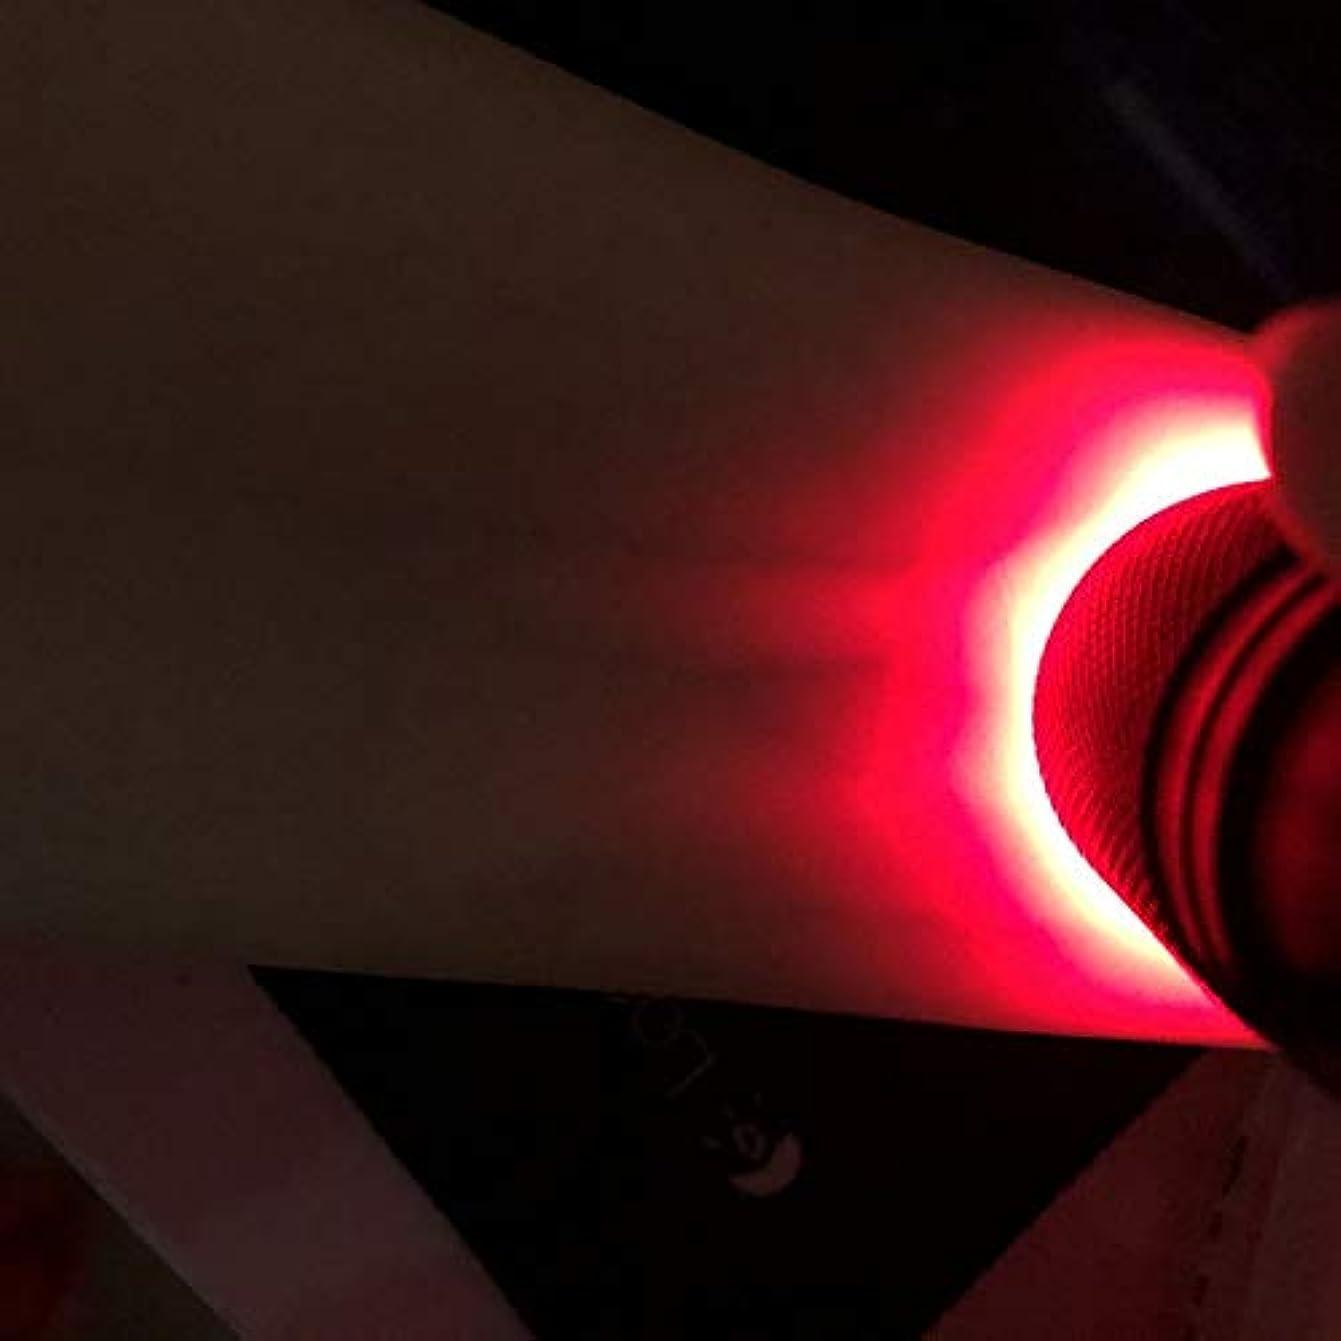 議会ブランド名代数的静脈イメージング懐中電灯血管ディスプレイ懐中電灯手穿刺による血管ライトの確認皮下静脈デバイスの発見が容易